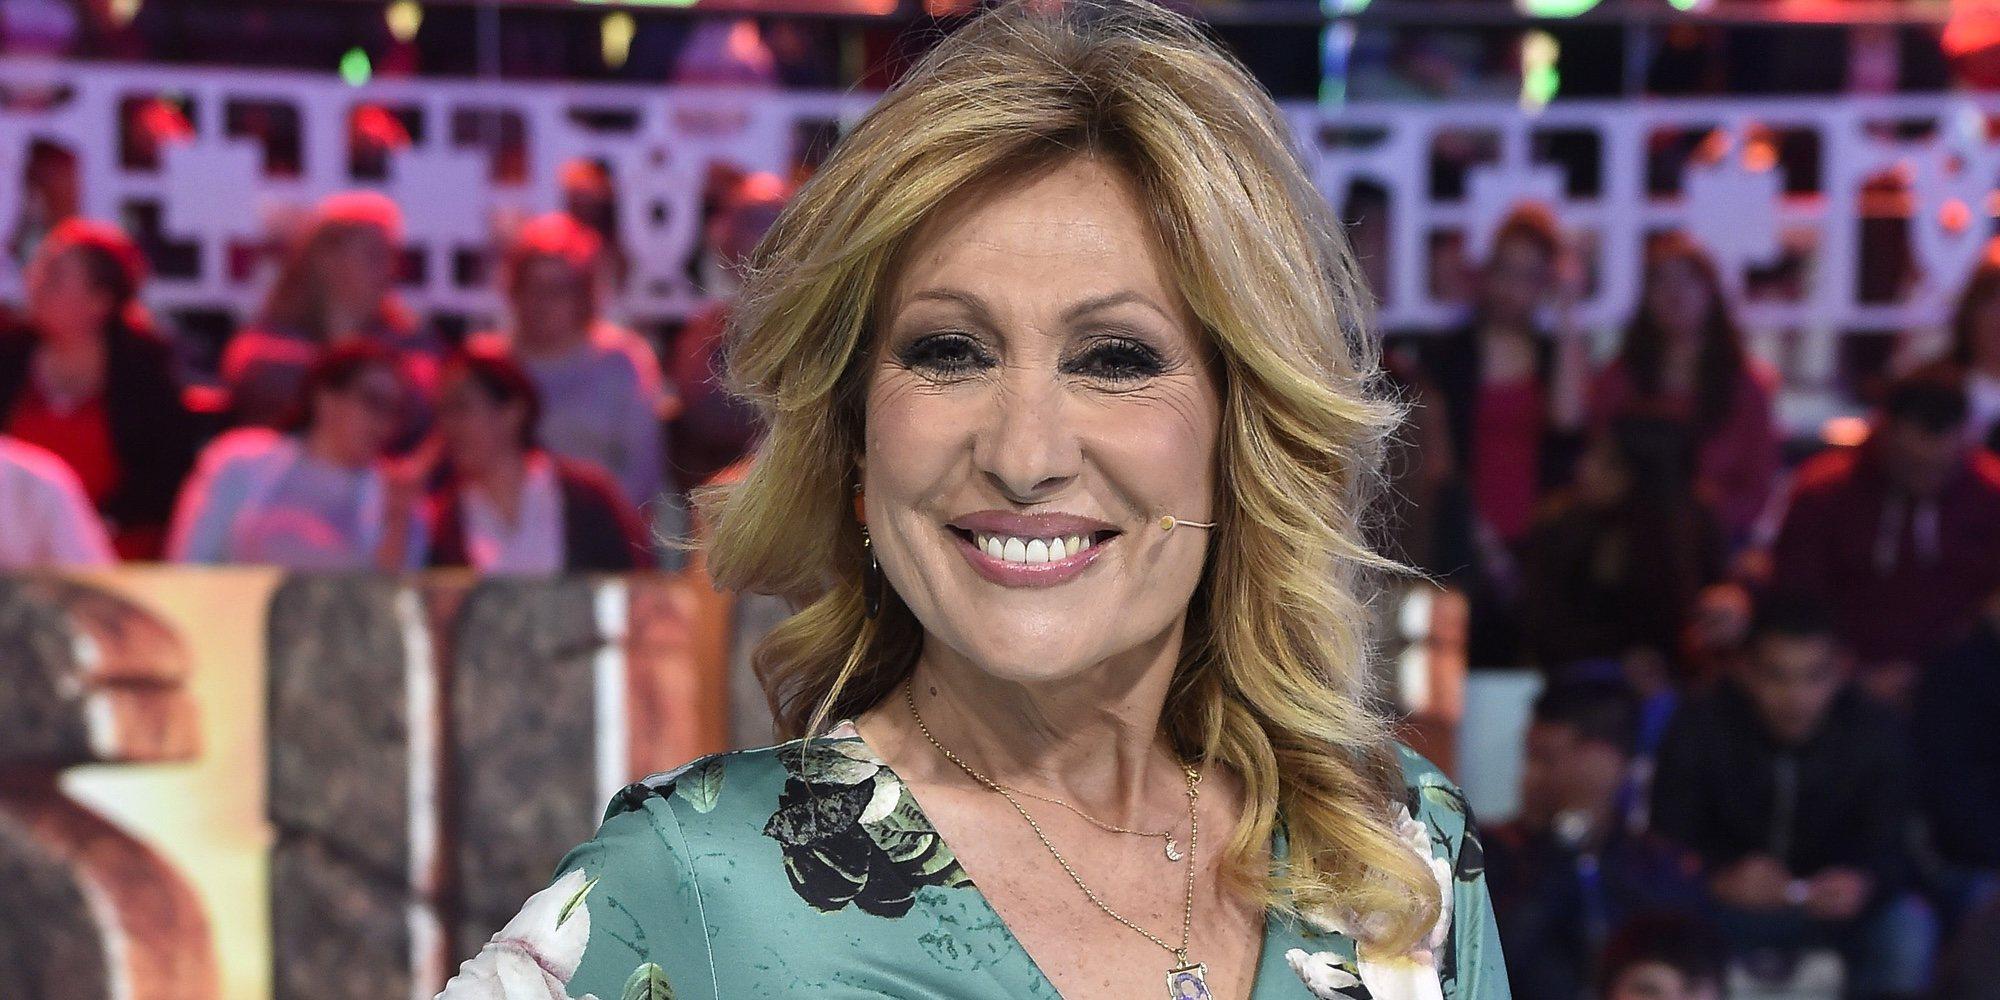 Rosa Benito cambió su actitud con Rocío Carrasco tras conocer la versión de Rocío Flores